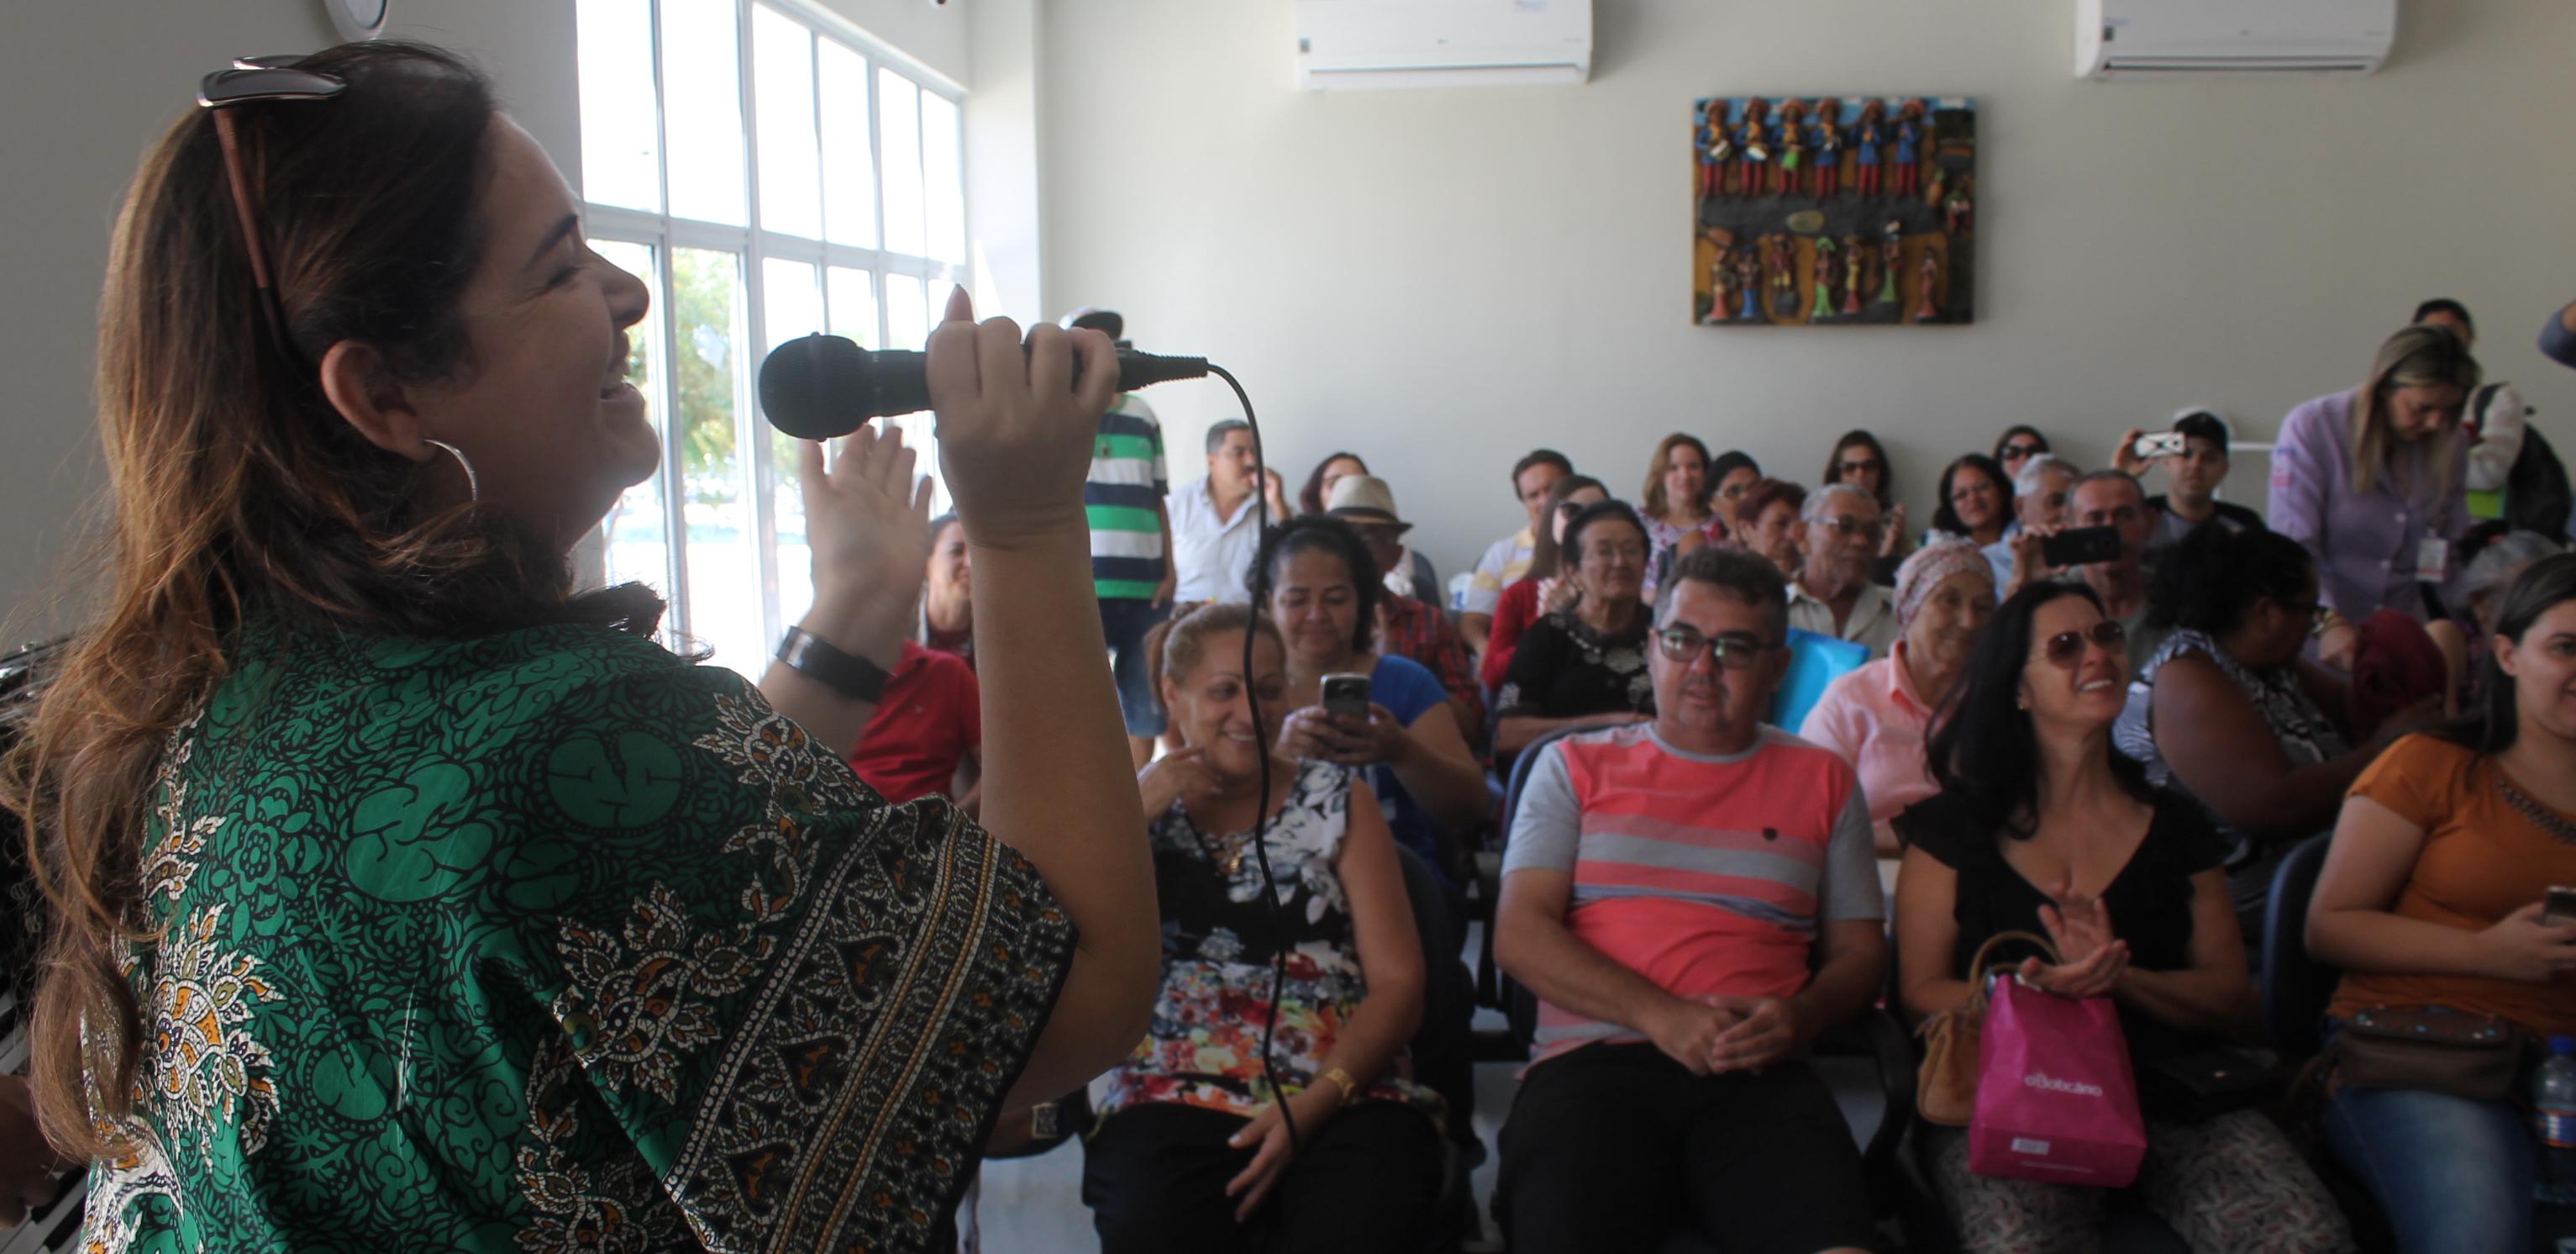 Unidade de Oncologia realiza cantata para pacientes